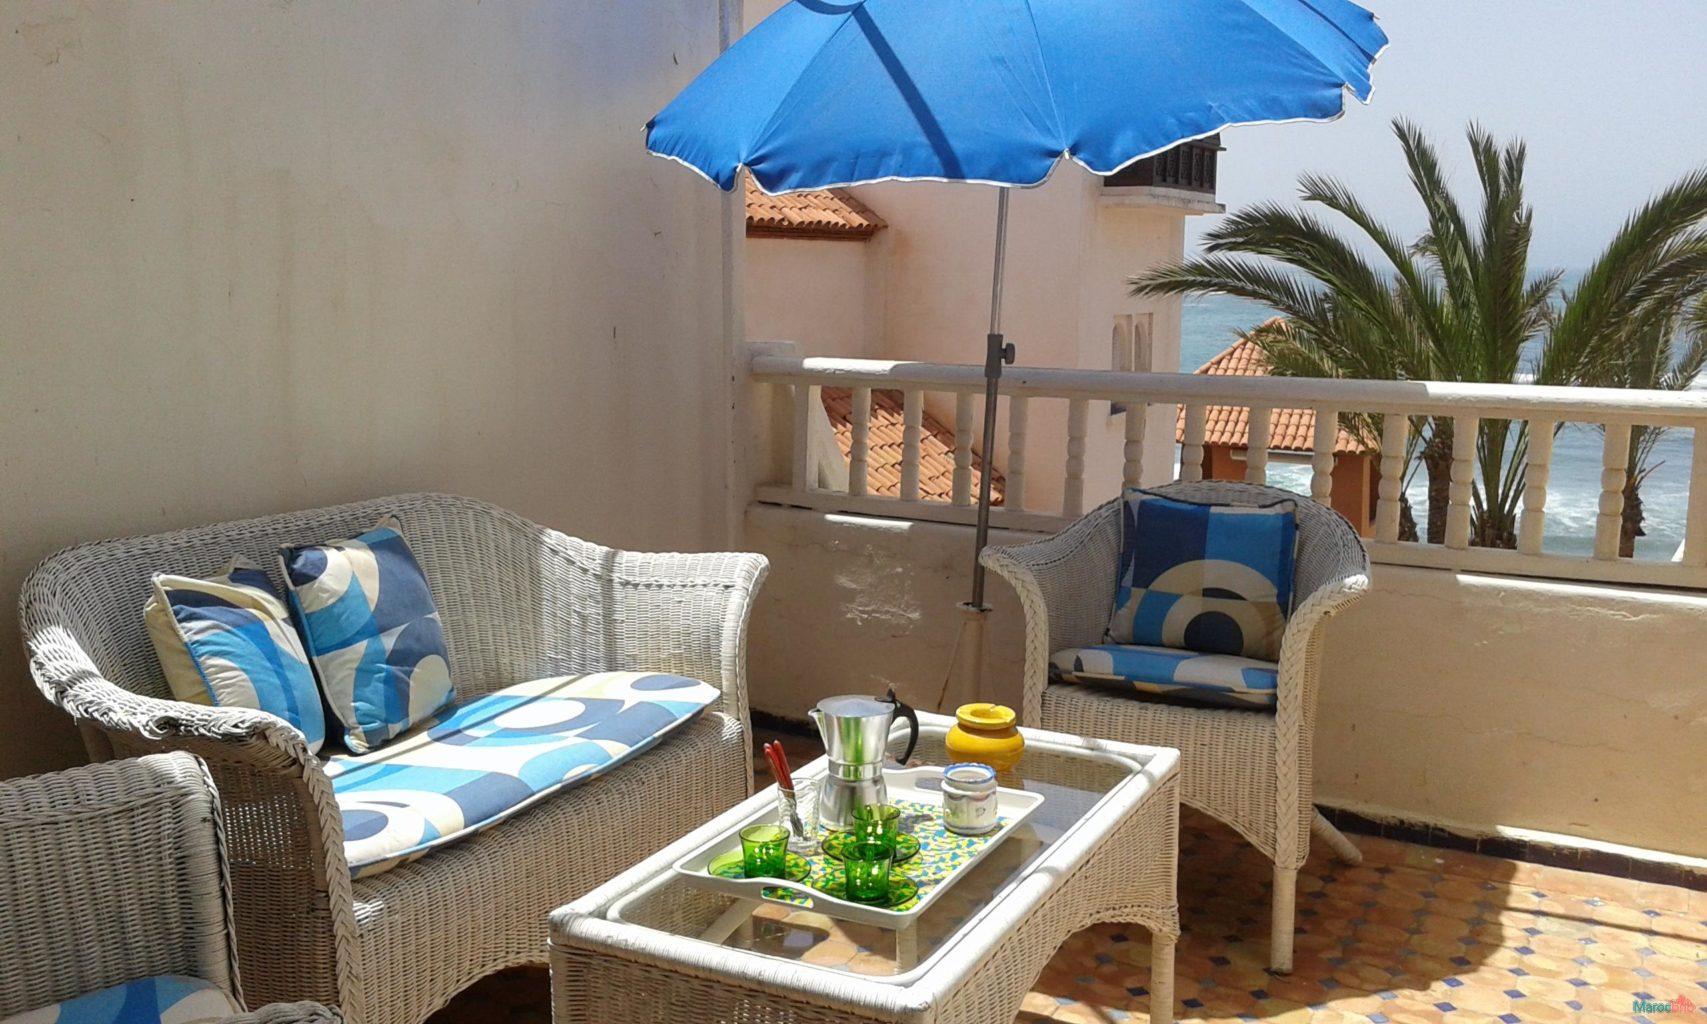 a louer pour les vacances appartement duplex bouznika r sidence la kasbah marocbnb. Black Bedroom Furniture Sets. Home Design Ideas